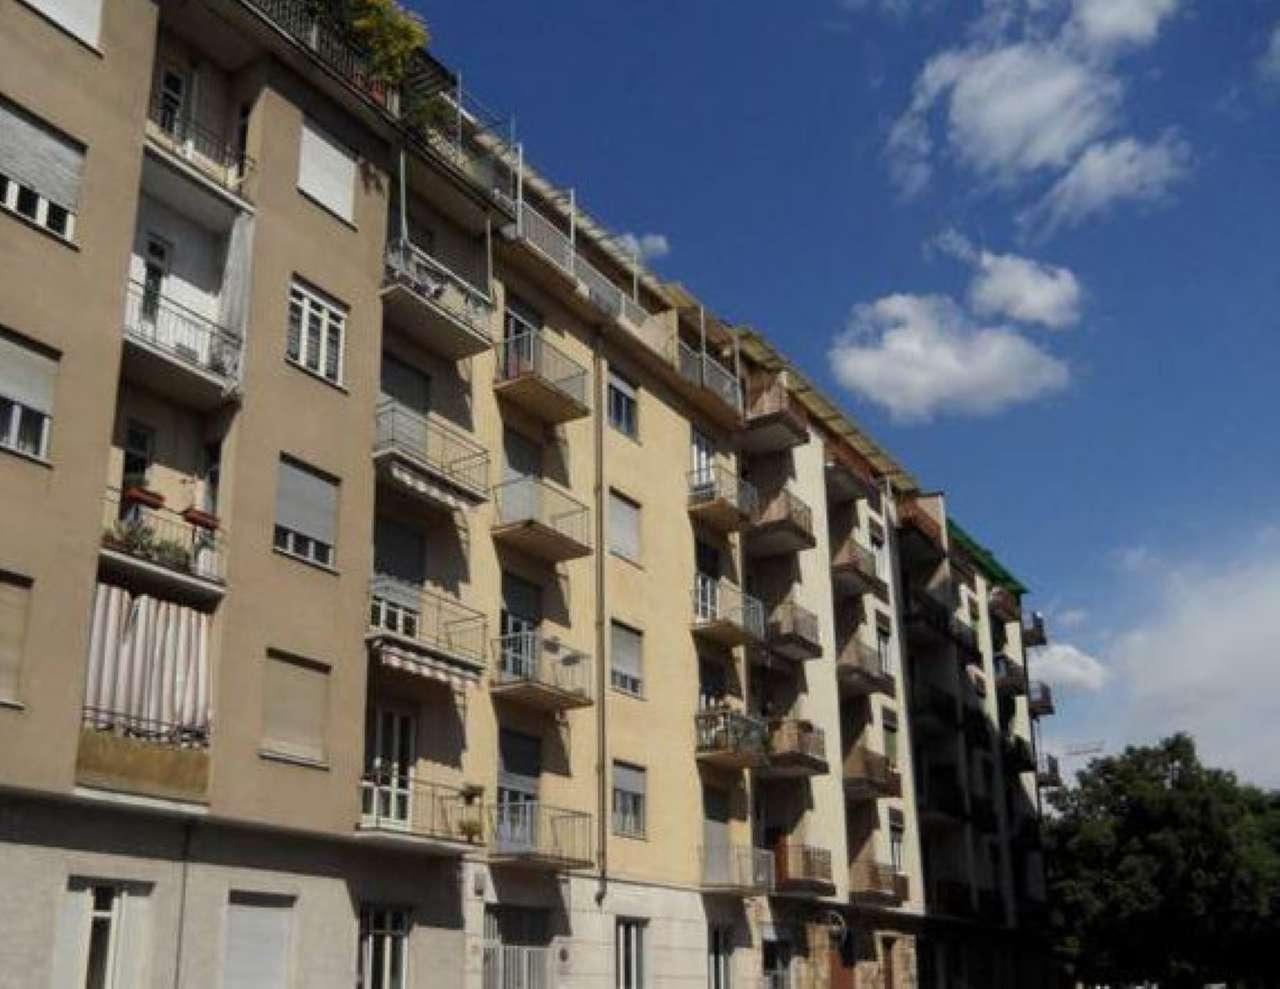 Torino Torino Vendita APPARTAMENTO » annunci immobiliari, appartamenti in vendita a torino